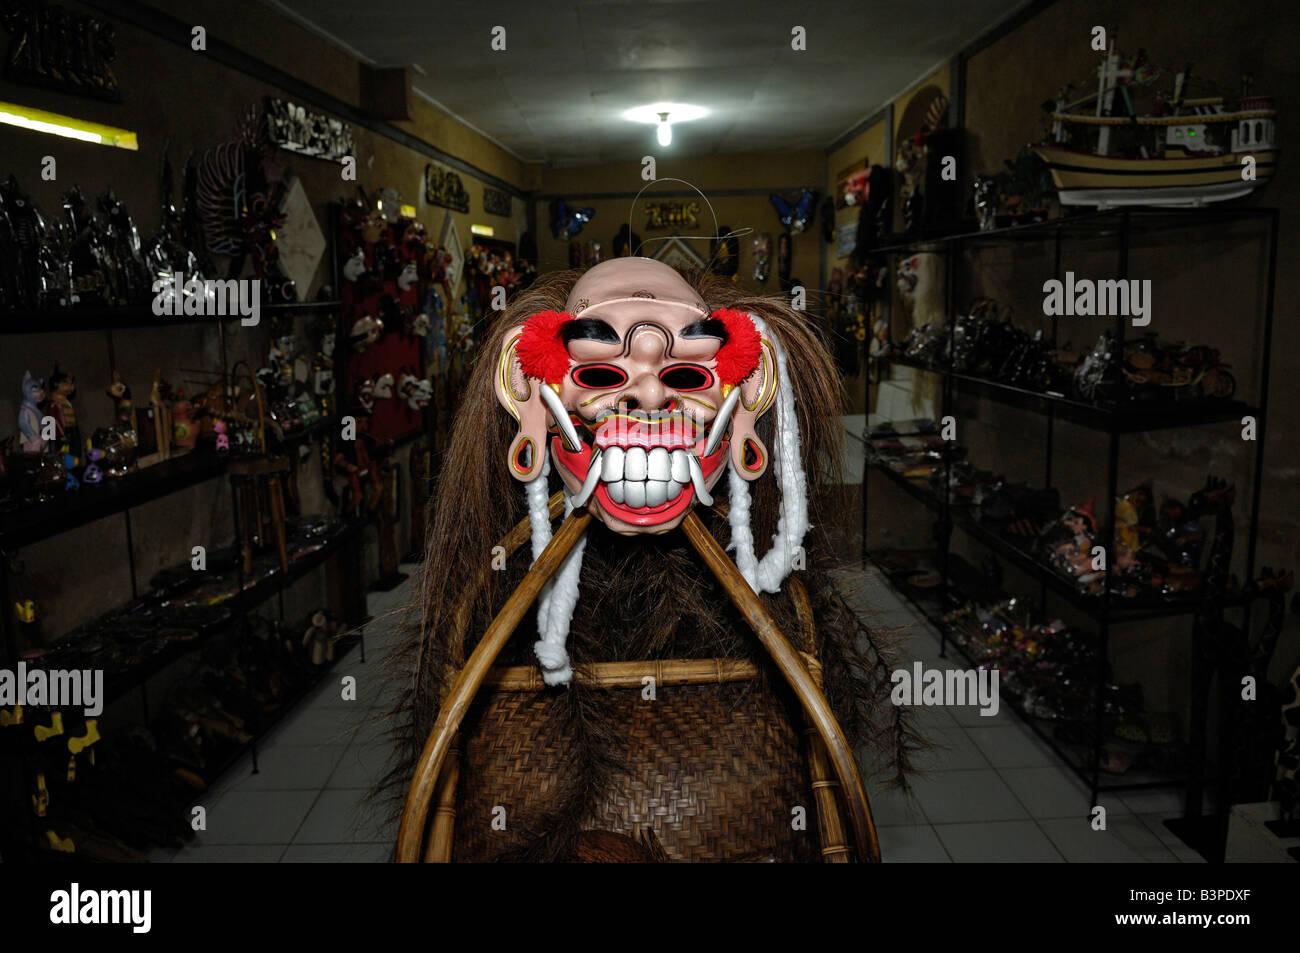 Balinese mask, Bali, Indonesia - Stock Image